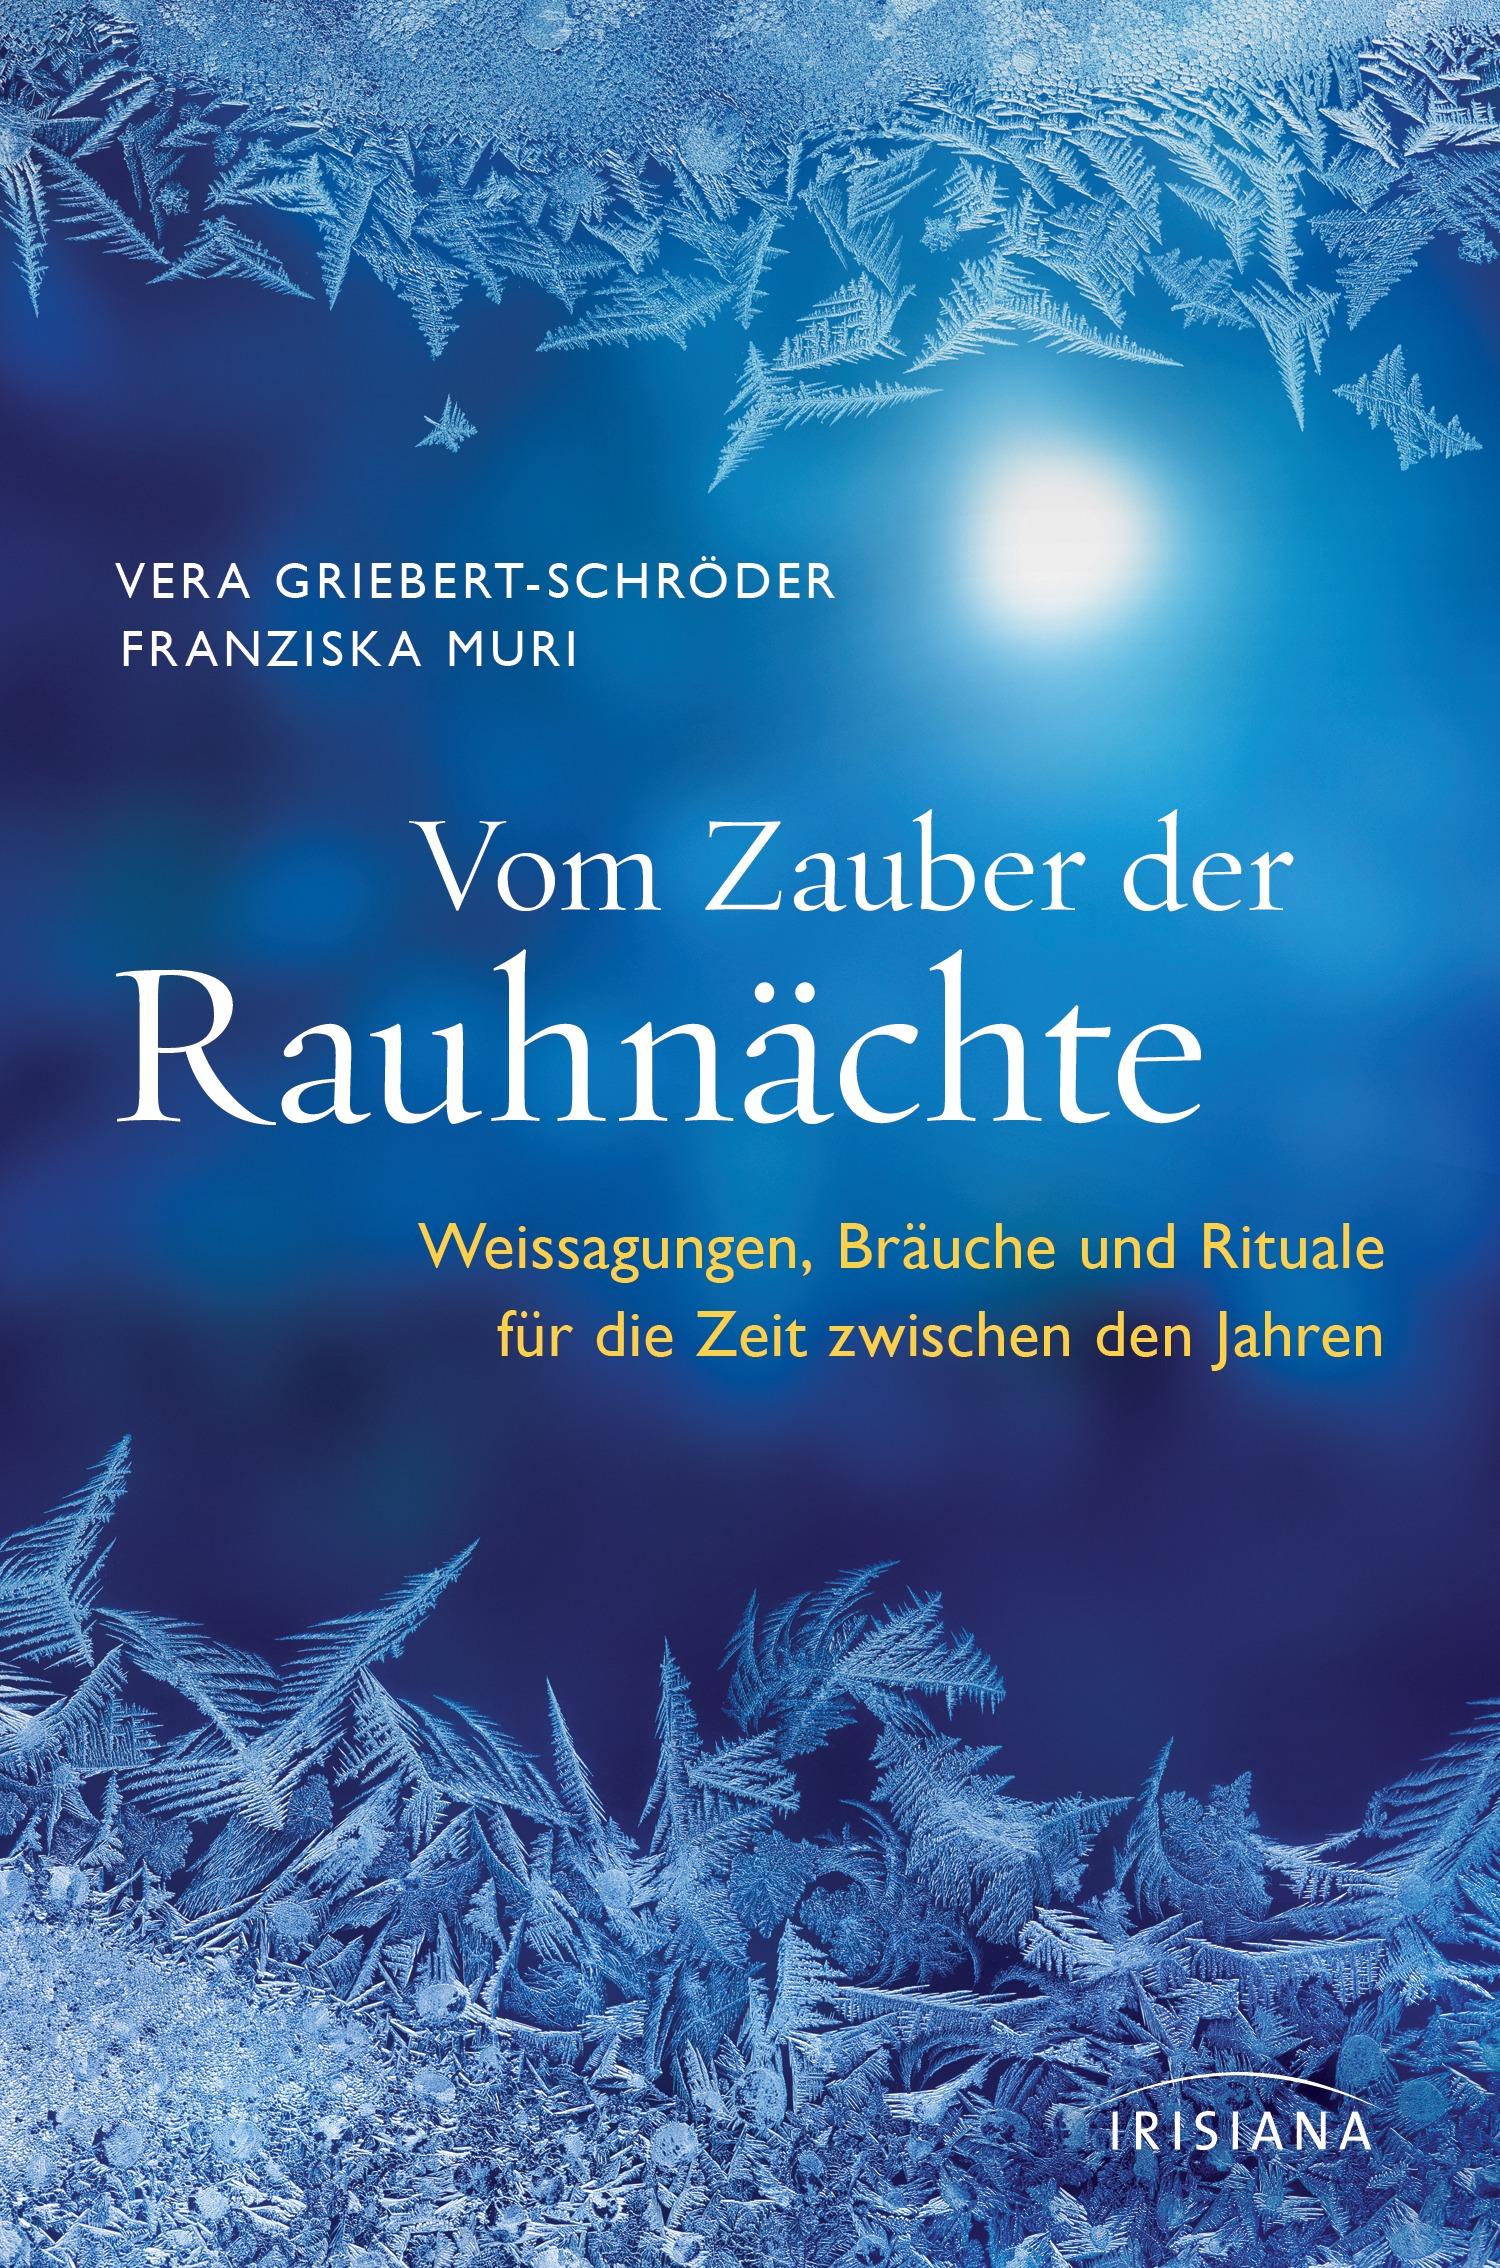 Vom Zauber der Rauhnaechte von Vera Griebert-Schroeder